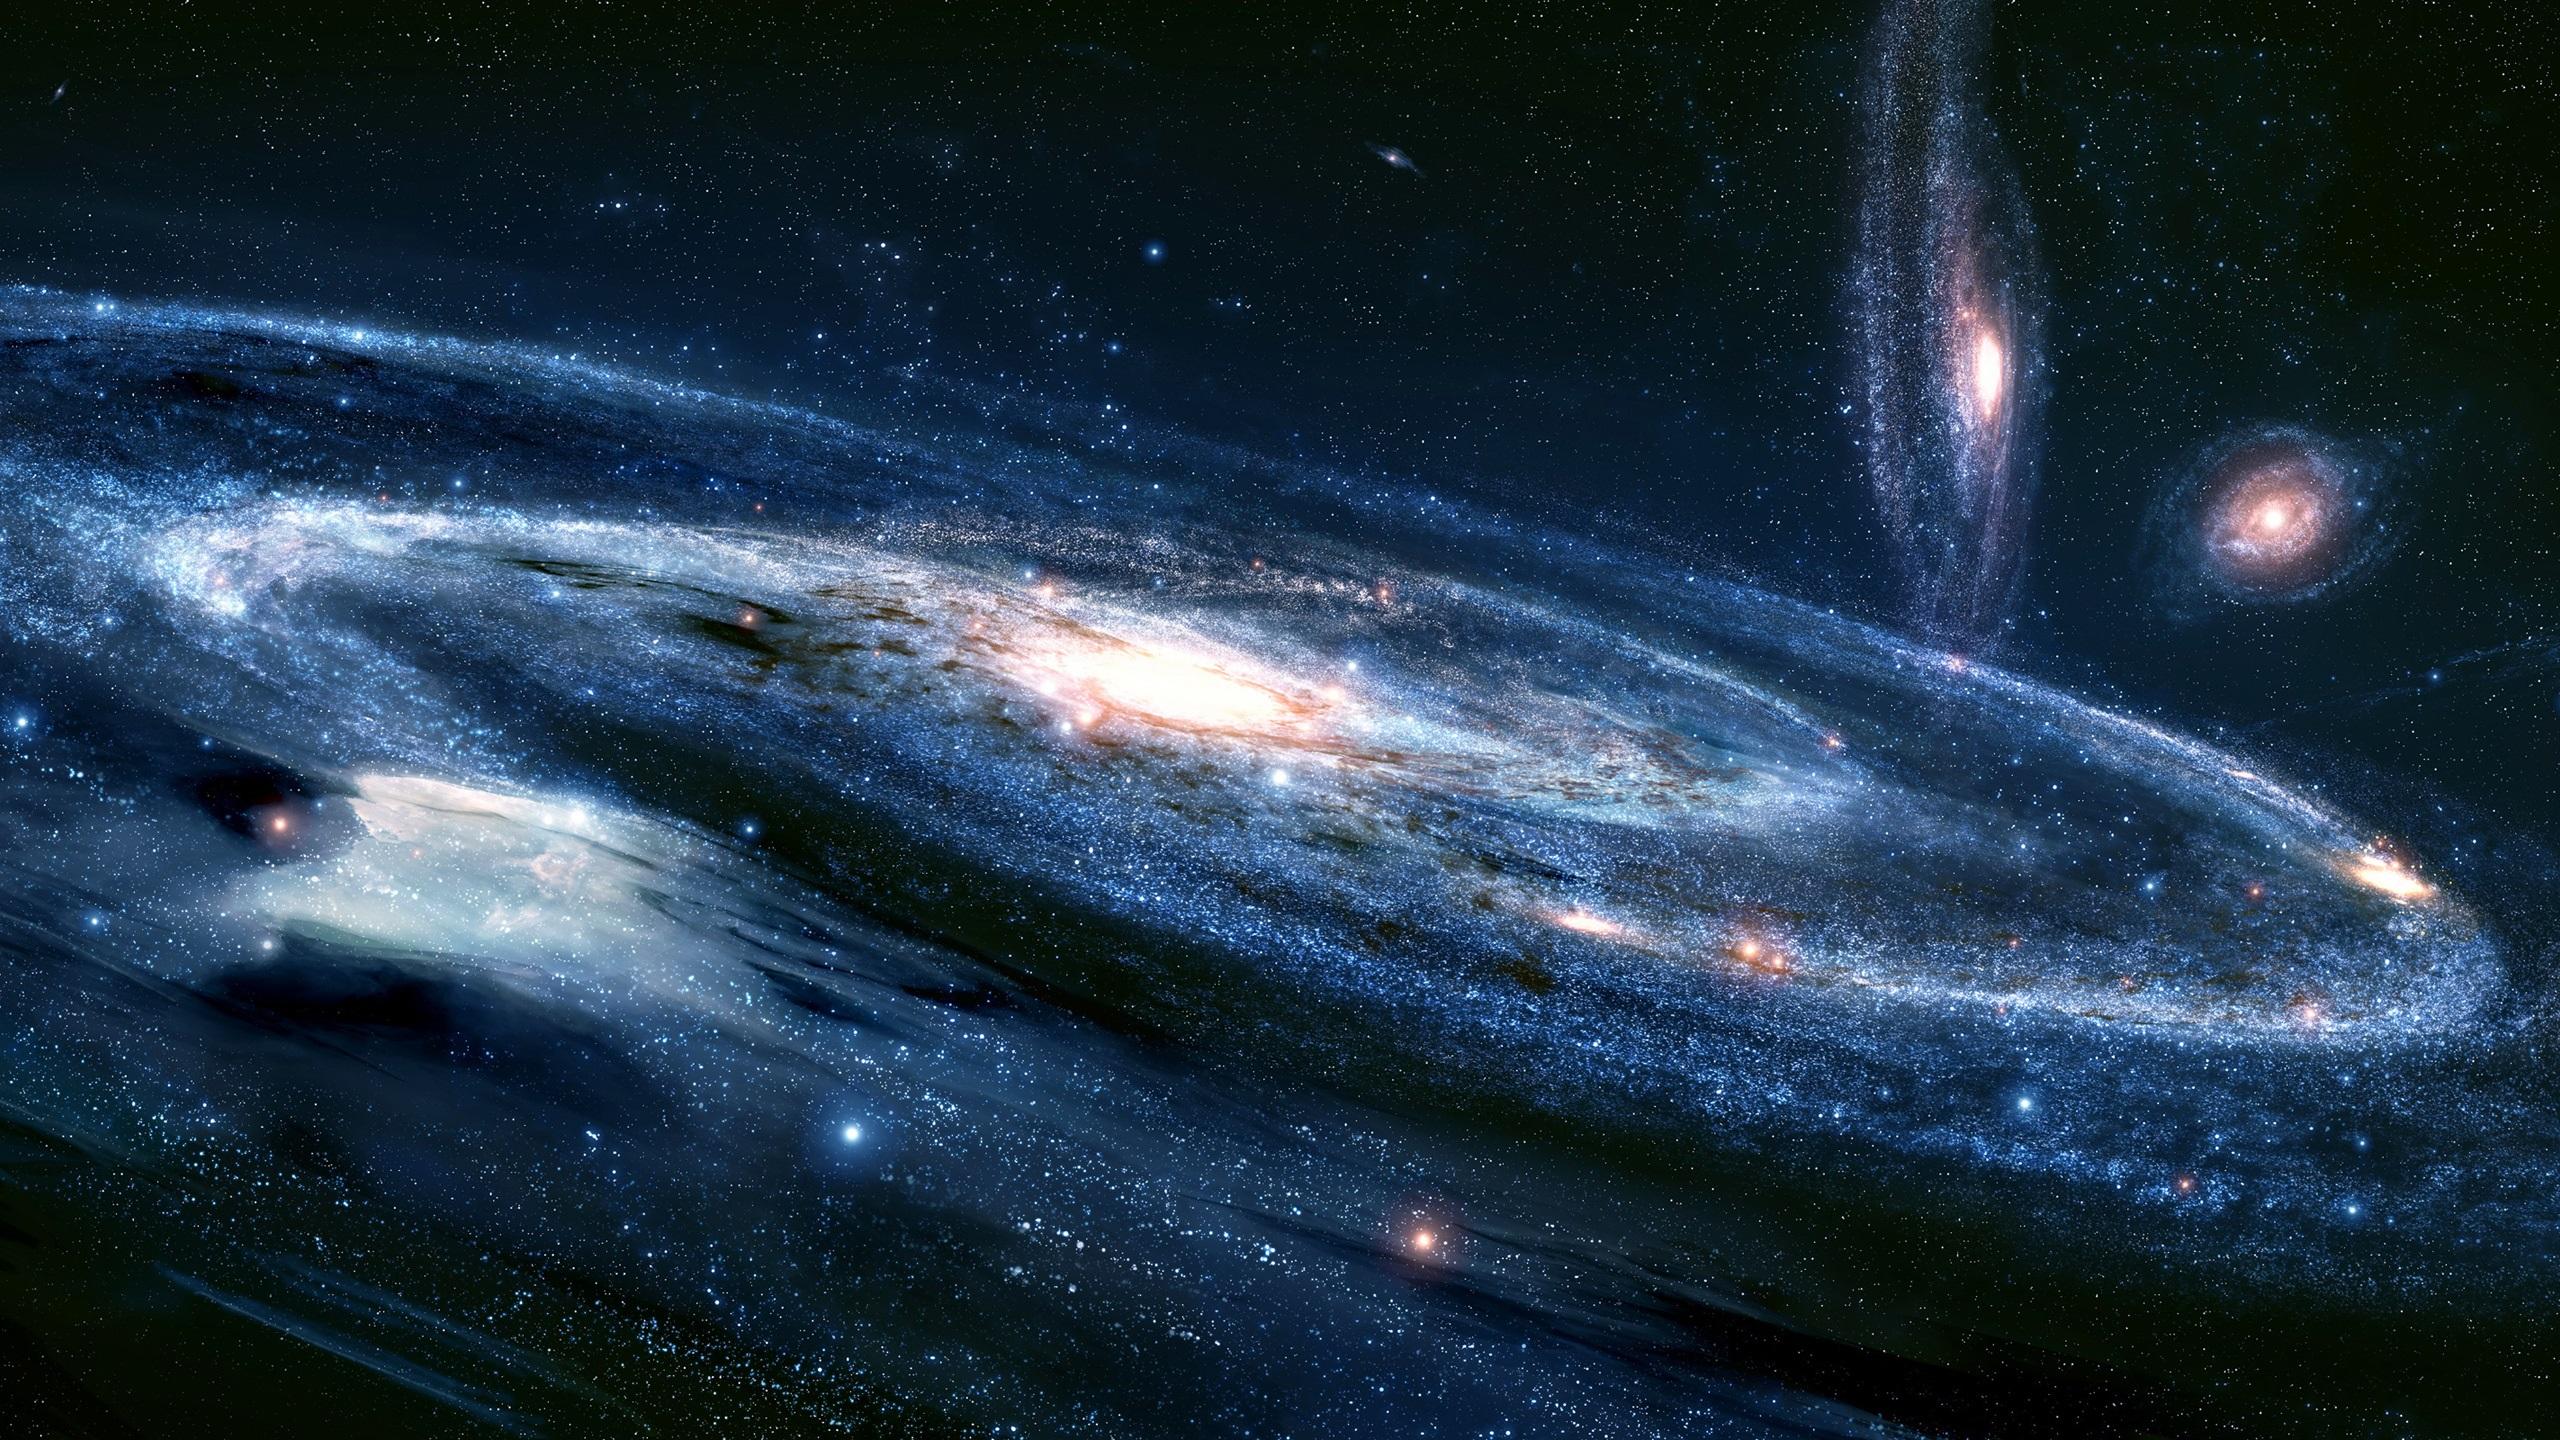 beautiful-space-the-universe-stars-galaxies-nebula_2560x1440-2